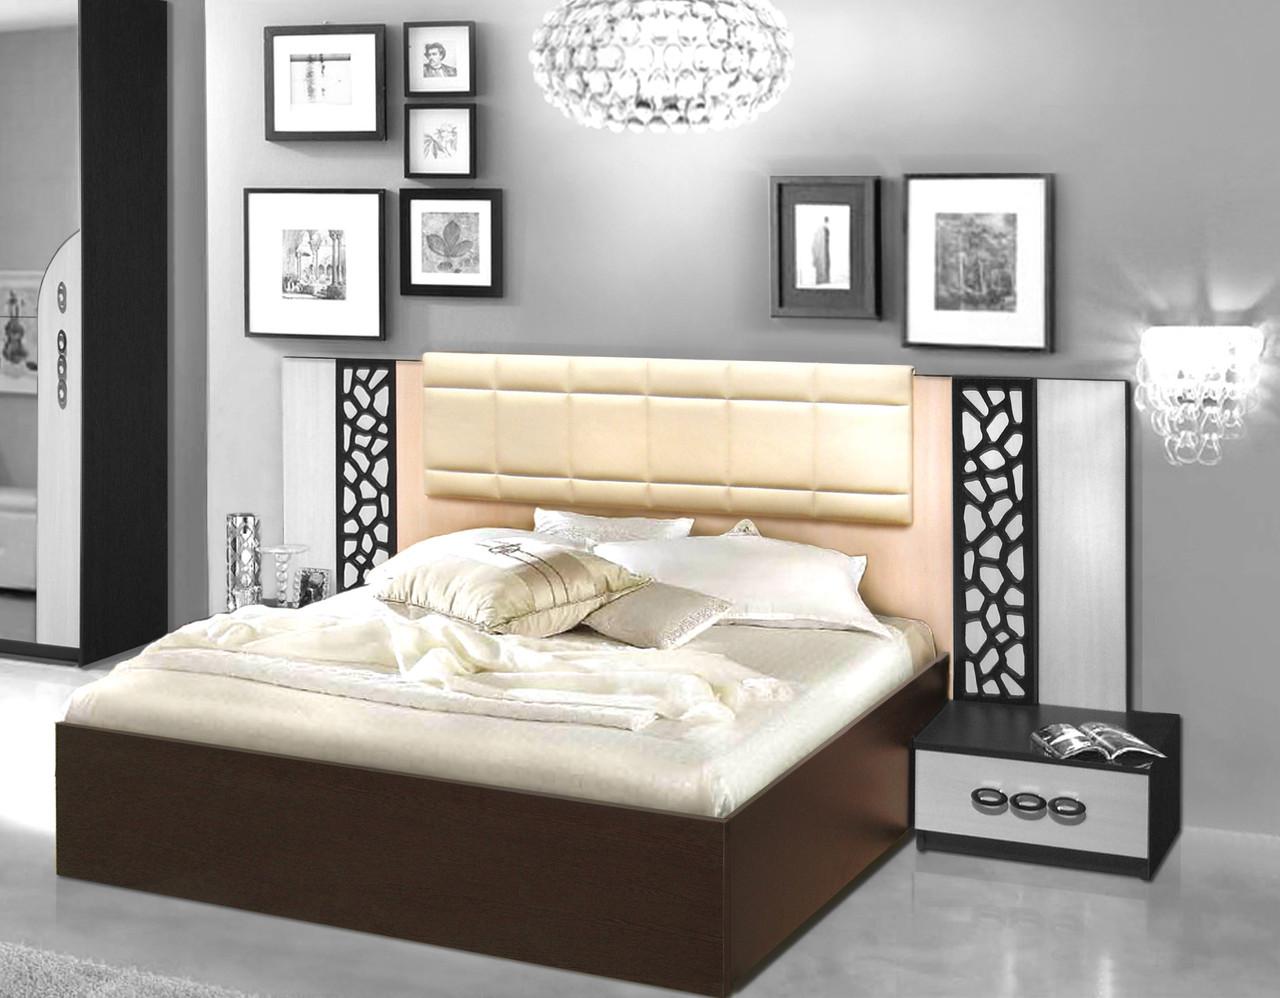 Кровать 180 Селеста Мастер Форм 180*200